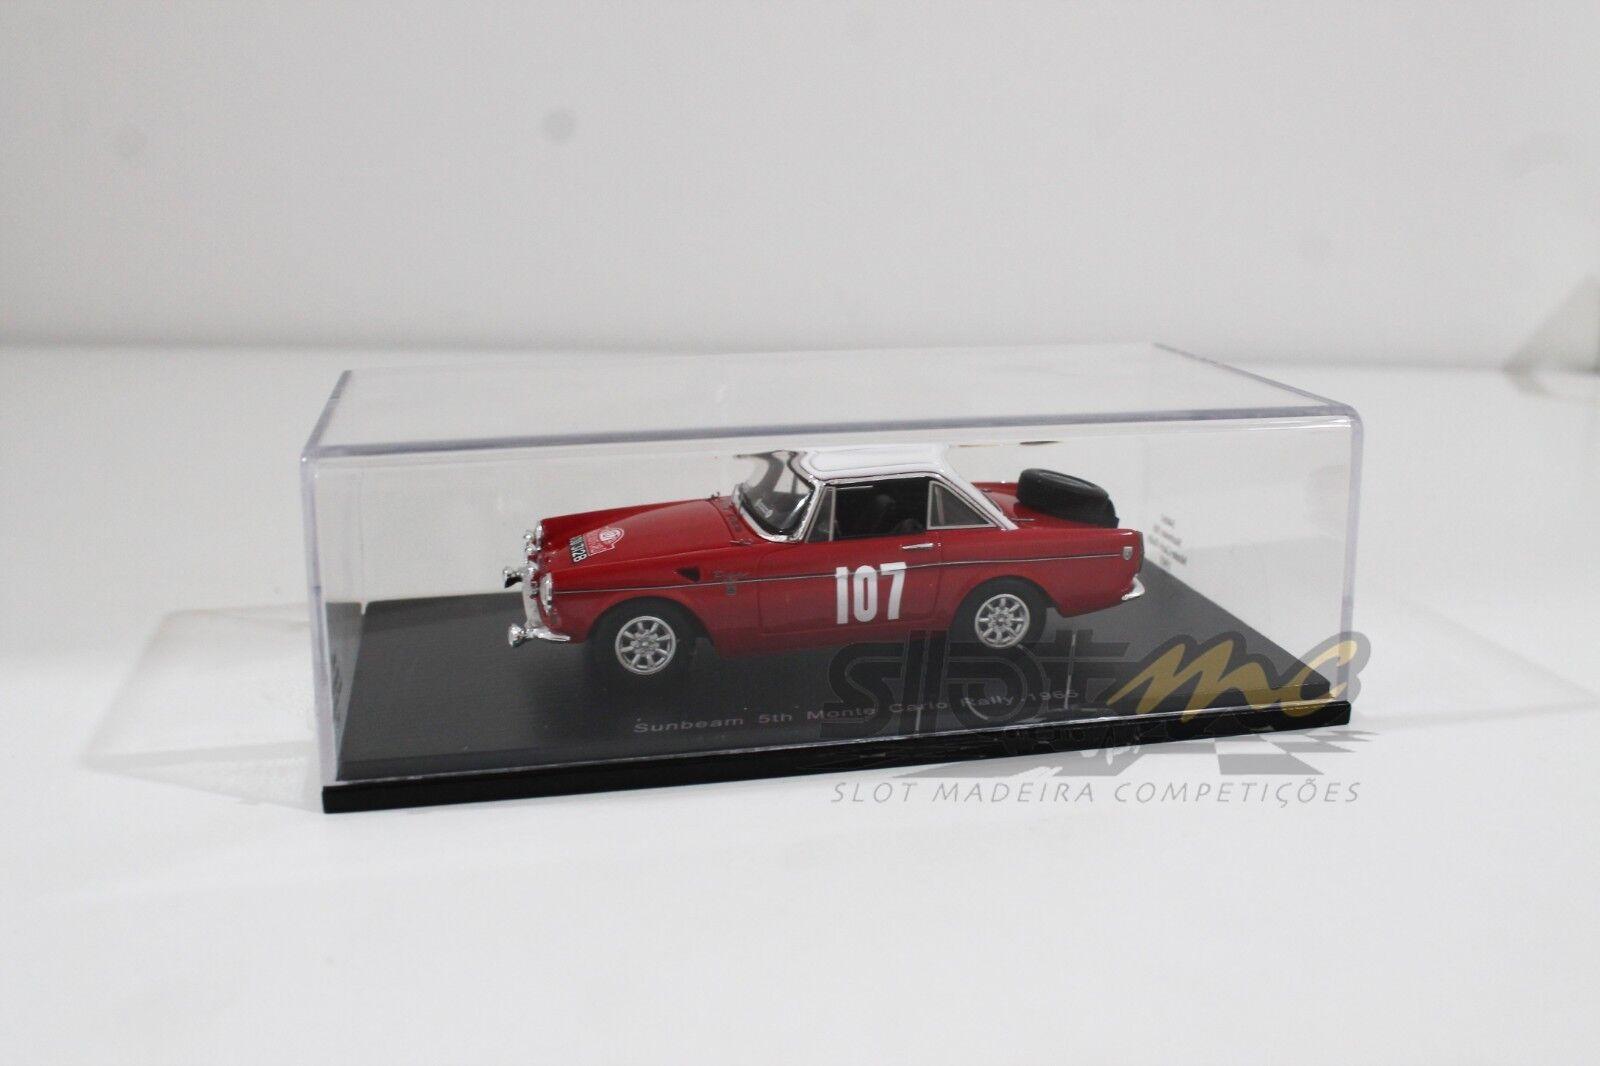 Spark Spark Spark S4061 Sunbeam 5th Monte Carlo Rally 1965 1 43  NEW ede7d6